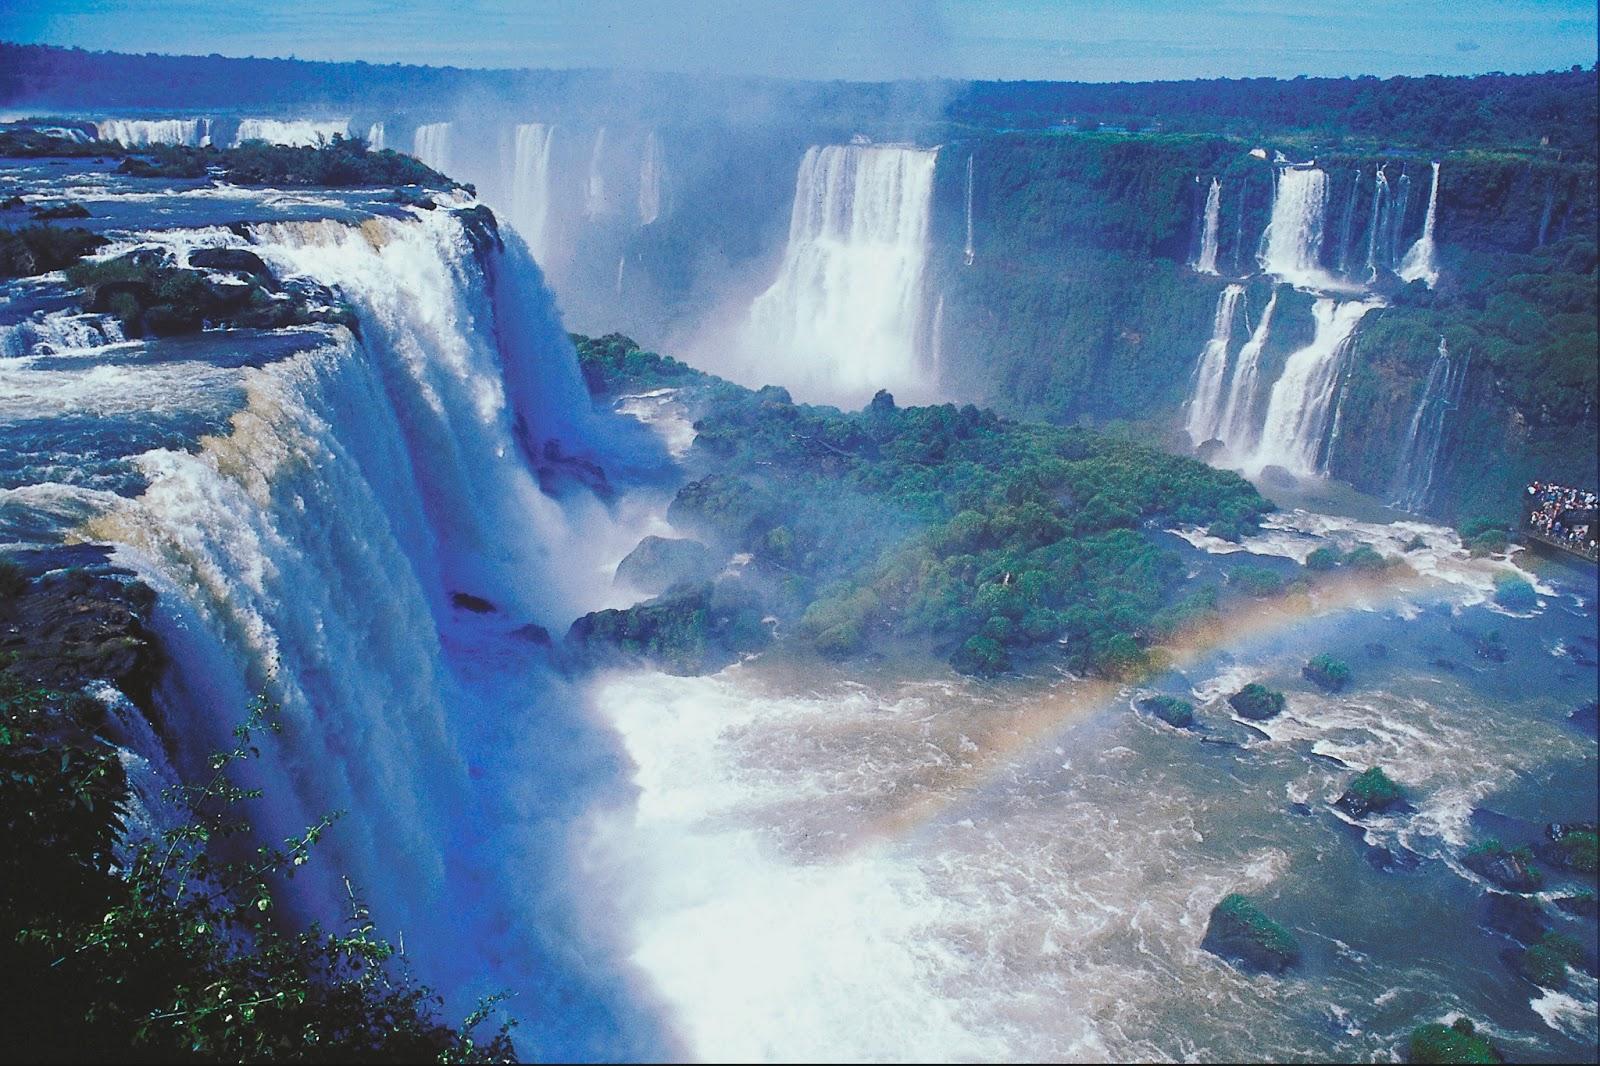 http://1.bp.blogspot.com/-uI6JMg5wrUY/UQYzKDGQLPI/AAAAAAAAA-U/kFHPkn_S1z8/s1600/Vodopady+Iguasu,+Brazilija+Iguazu+Falls,+Brazil+krasivye+vodopady,+skazochnye+mesta++best+hd+wallpapers25.jpg